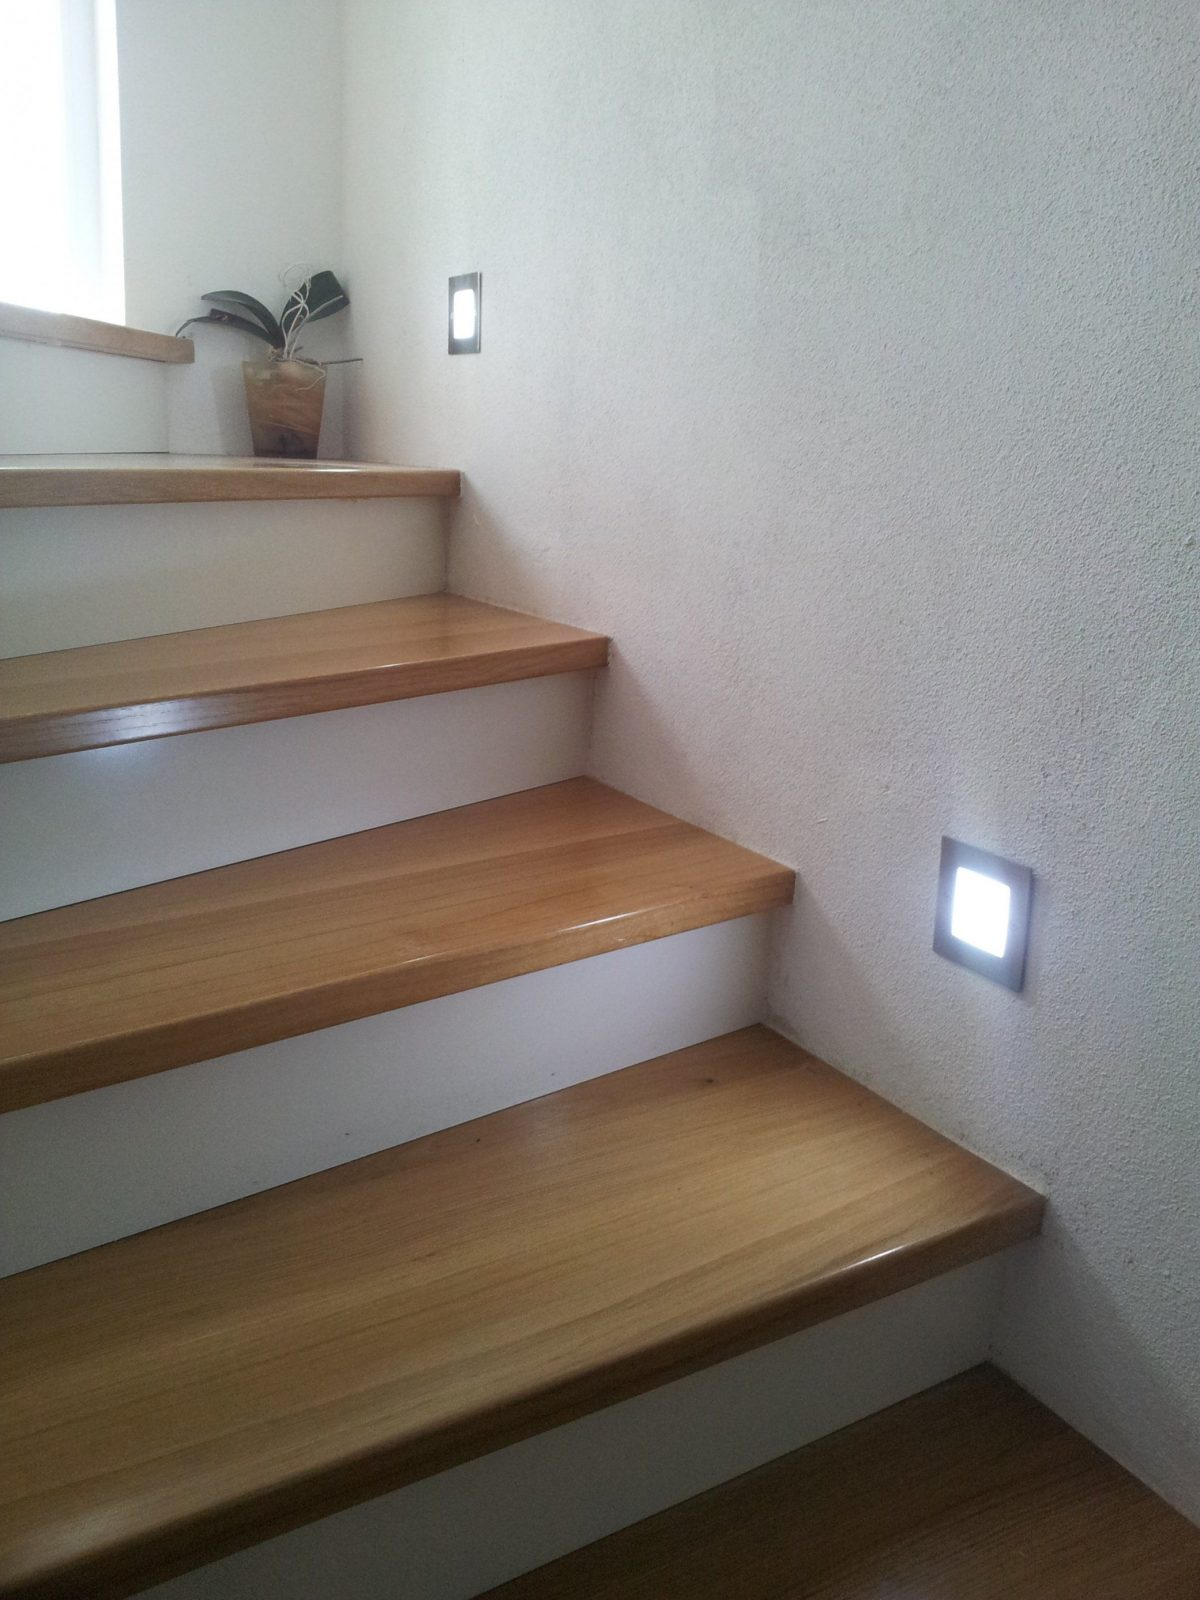 Led Treppenbeleuchtung  Led Flurbeleuchtung  Led Orientierungslicht von Treppenlicht Mit Bewegungsmelder 230V Bild